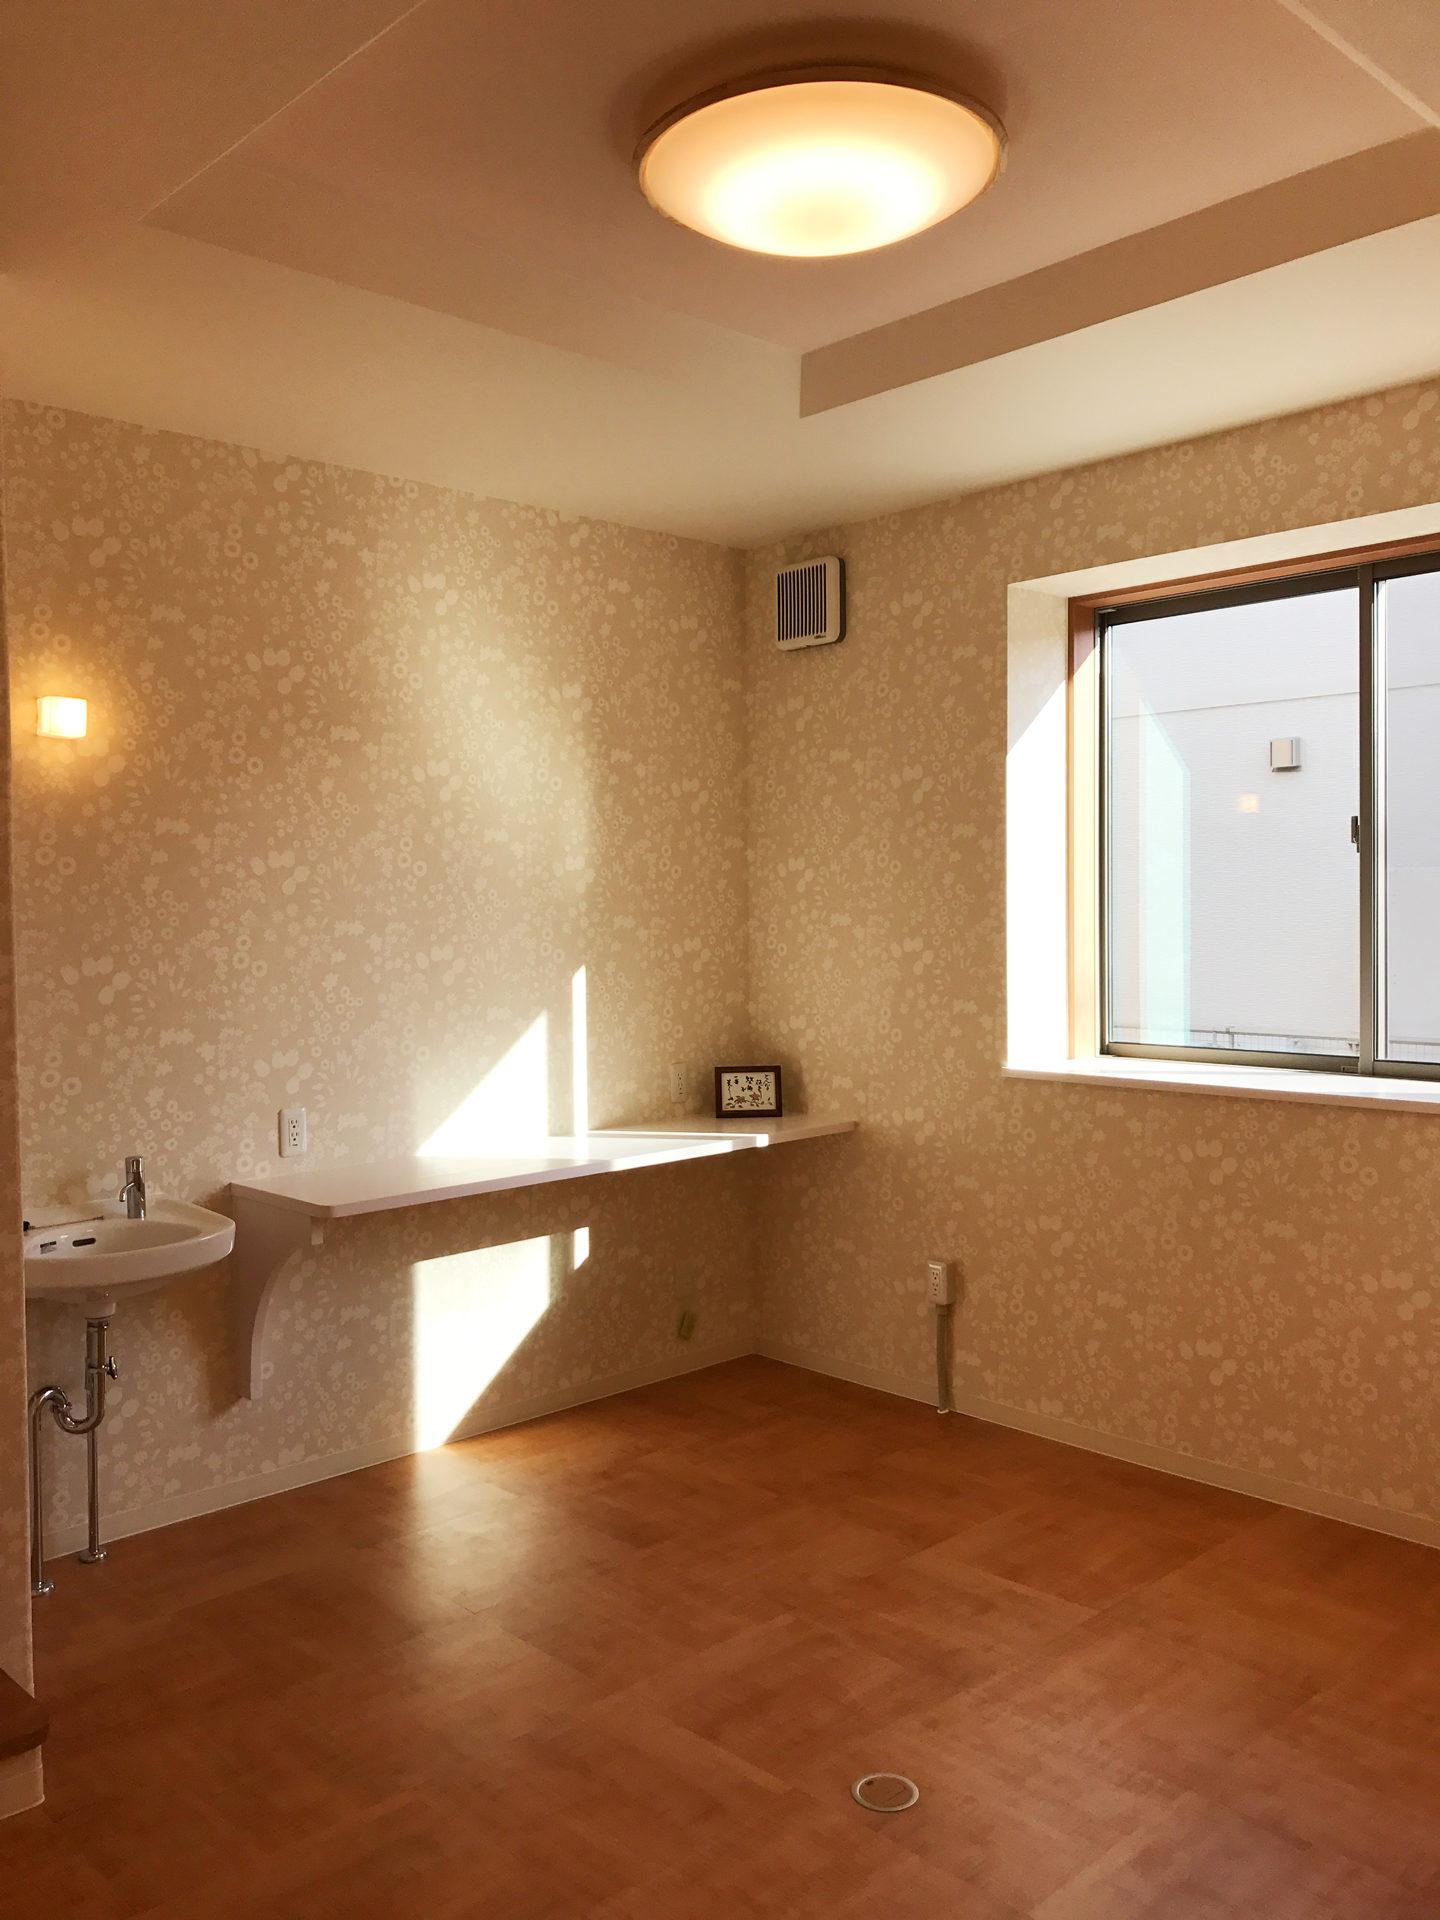 レディース治療院(はり・あん・マッサージ)付き二世帯住宅の施術室のカウンター